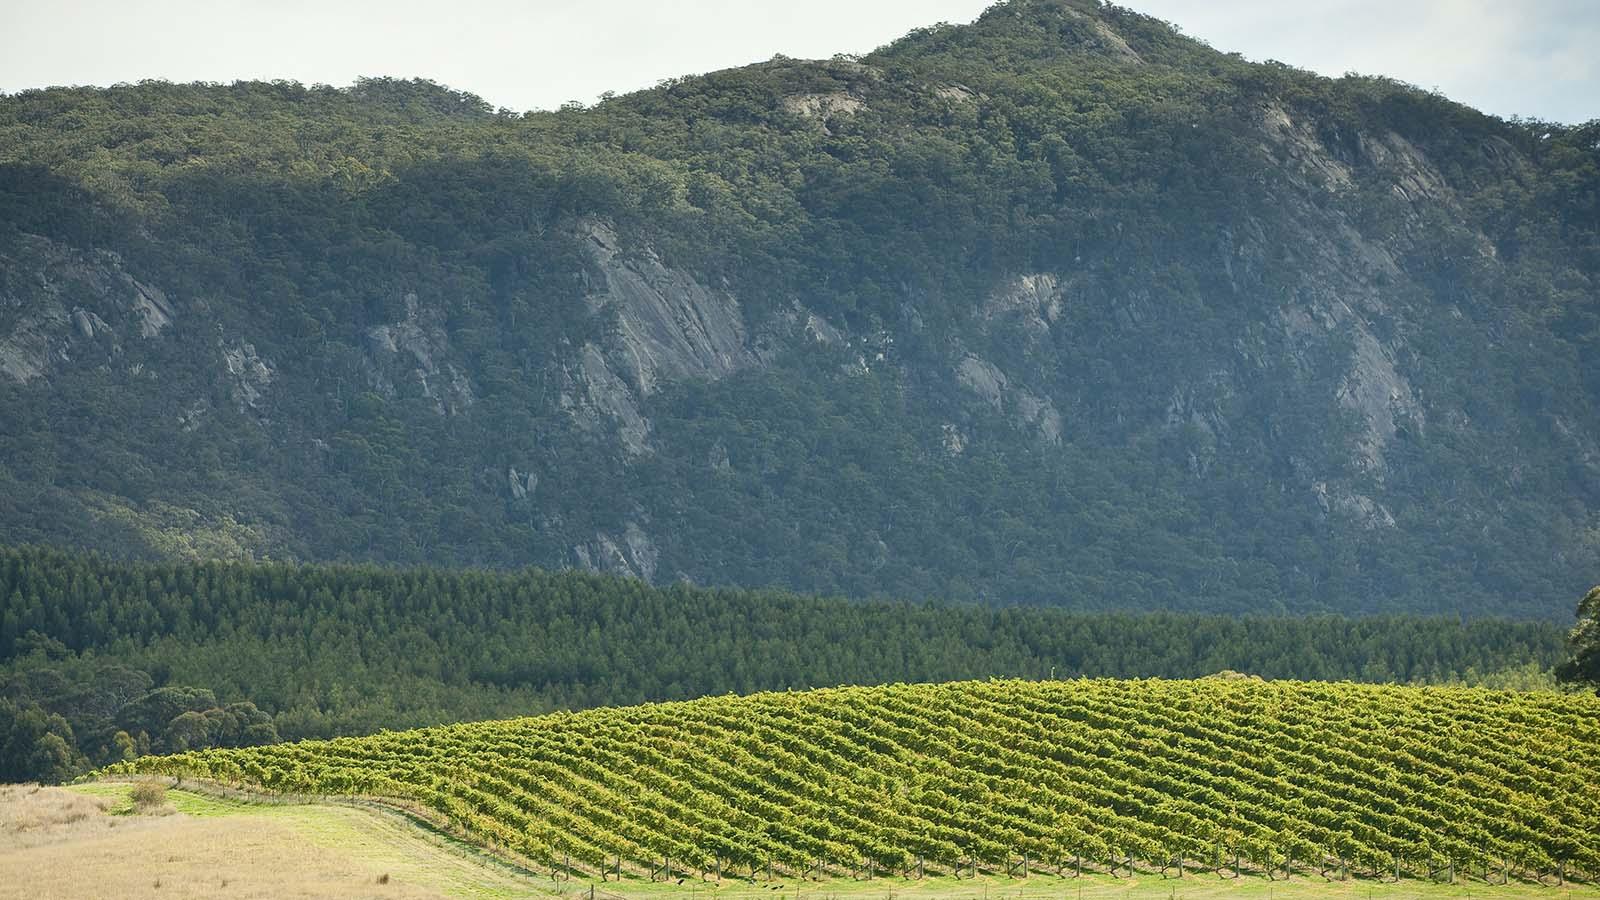 Moung Langi Gharan Vineyard, The Grampians, Victoria, Australia